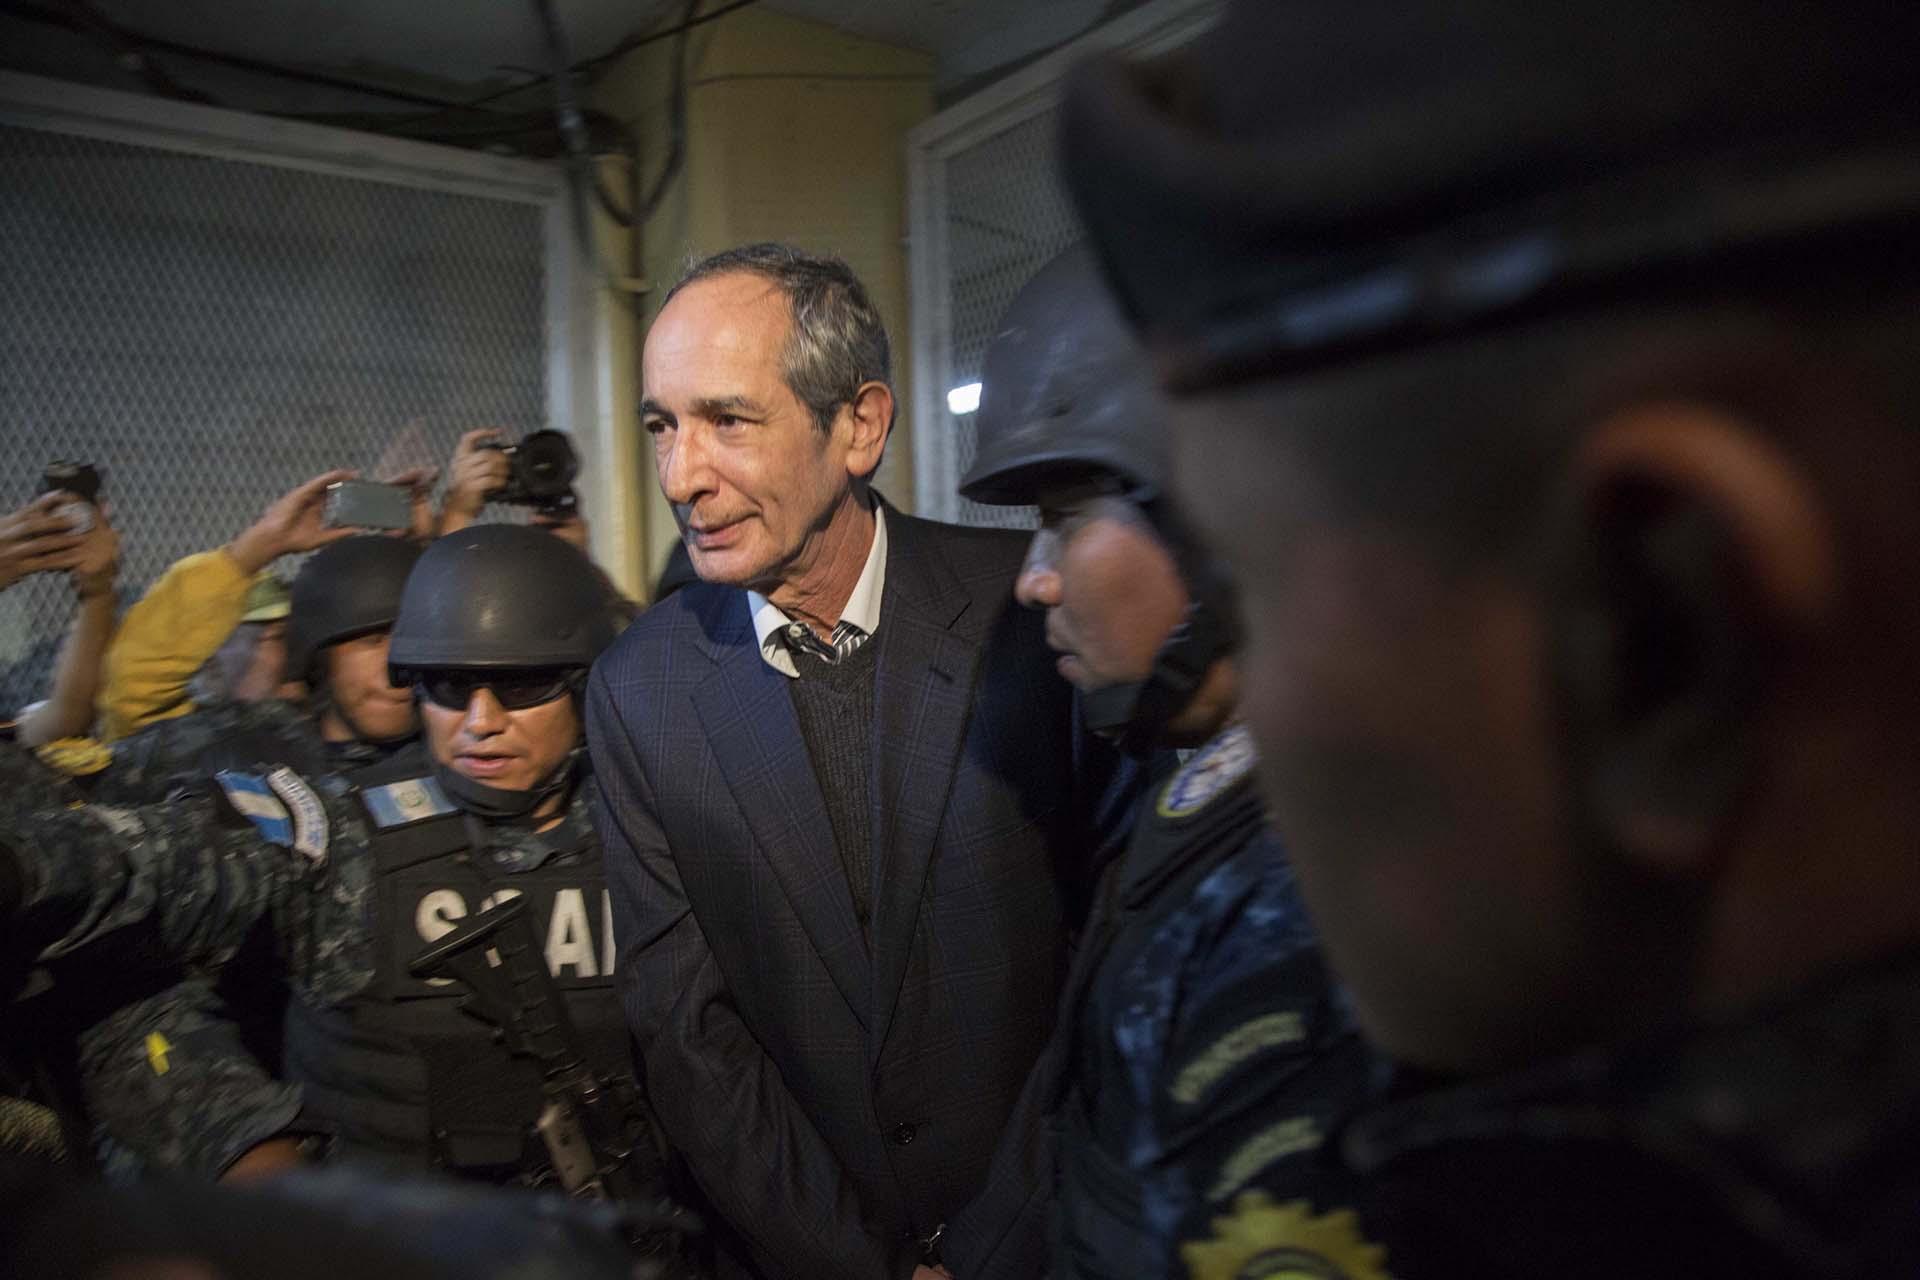 El ex presidente de Guatemala Álvaro Colomes detenido por corrupción y llevado ante la Justicia el 13 de febrero